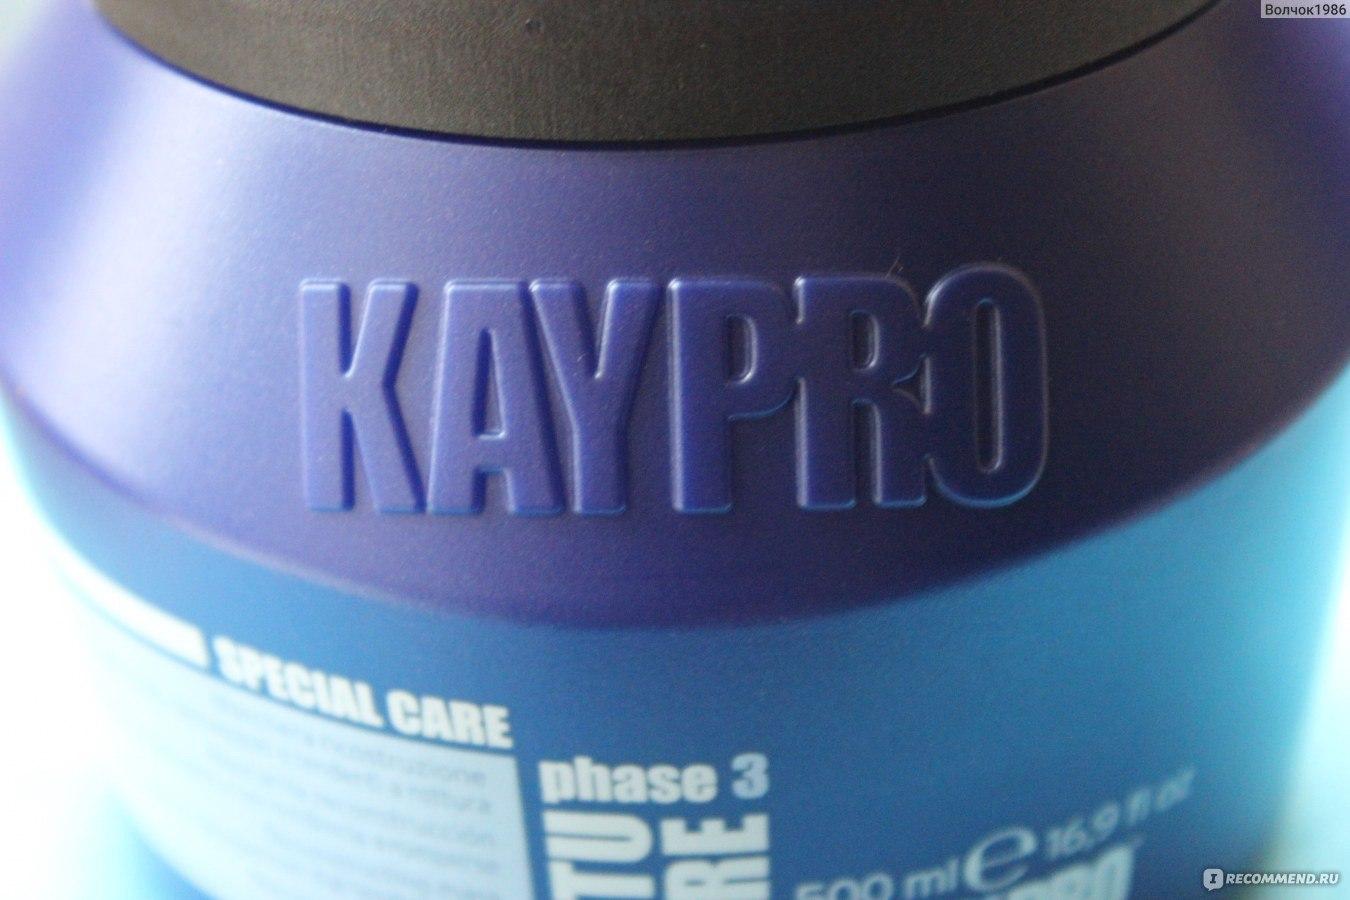 Kaypro botox маска для волос отзывы